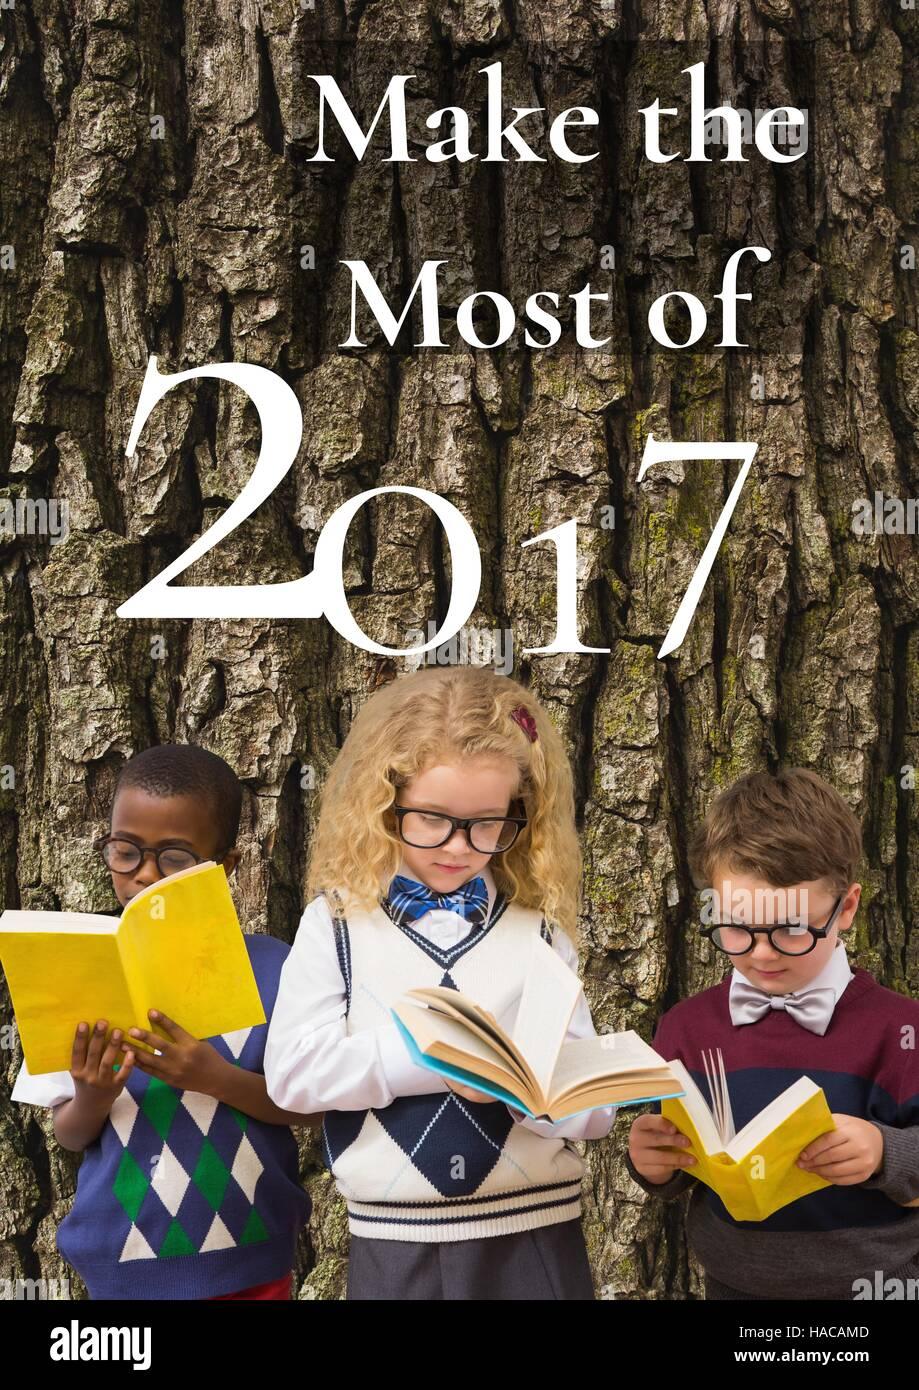 Neues Jahr Grus Zitate Auf Baum Und Drei Kinder Bucher Zu Lesen